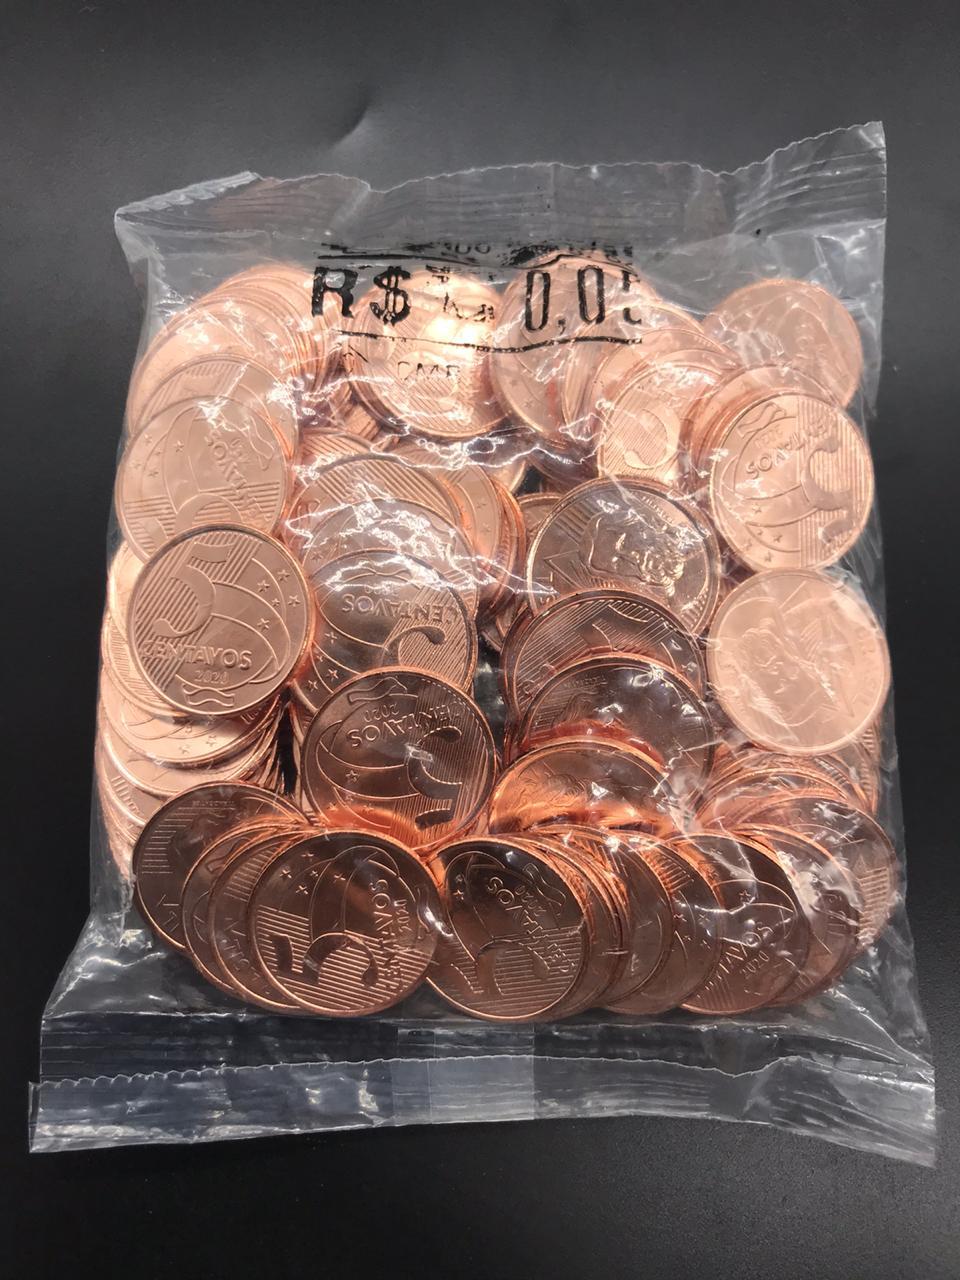 SACHÊ 0,05 CENTAVOS 2020 com  moedas